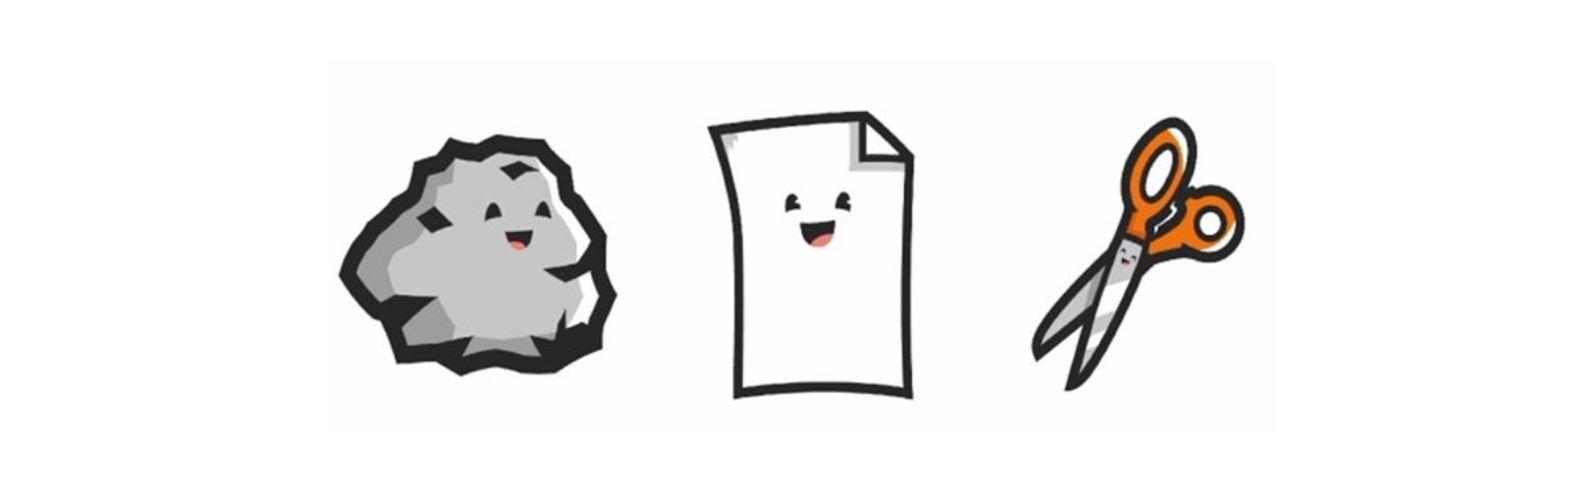 Actividad para niños de App: Piedra, papel o tijera